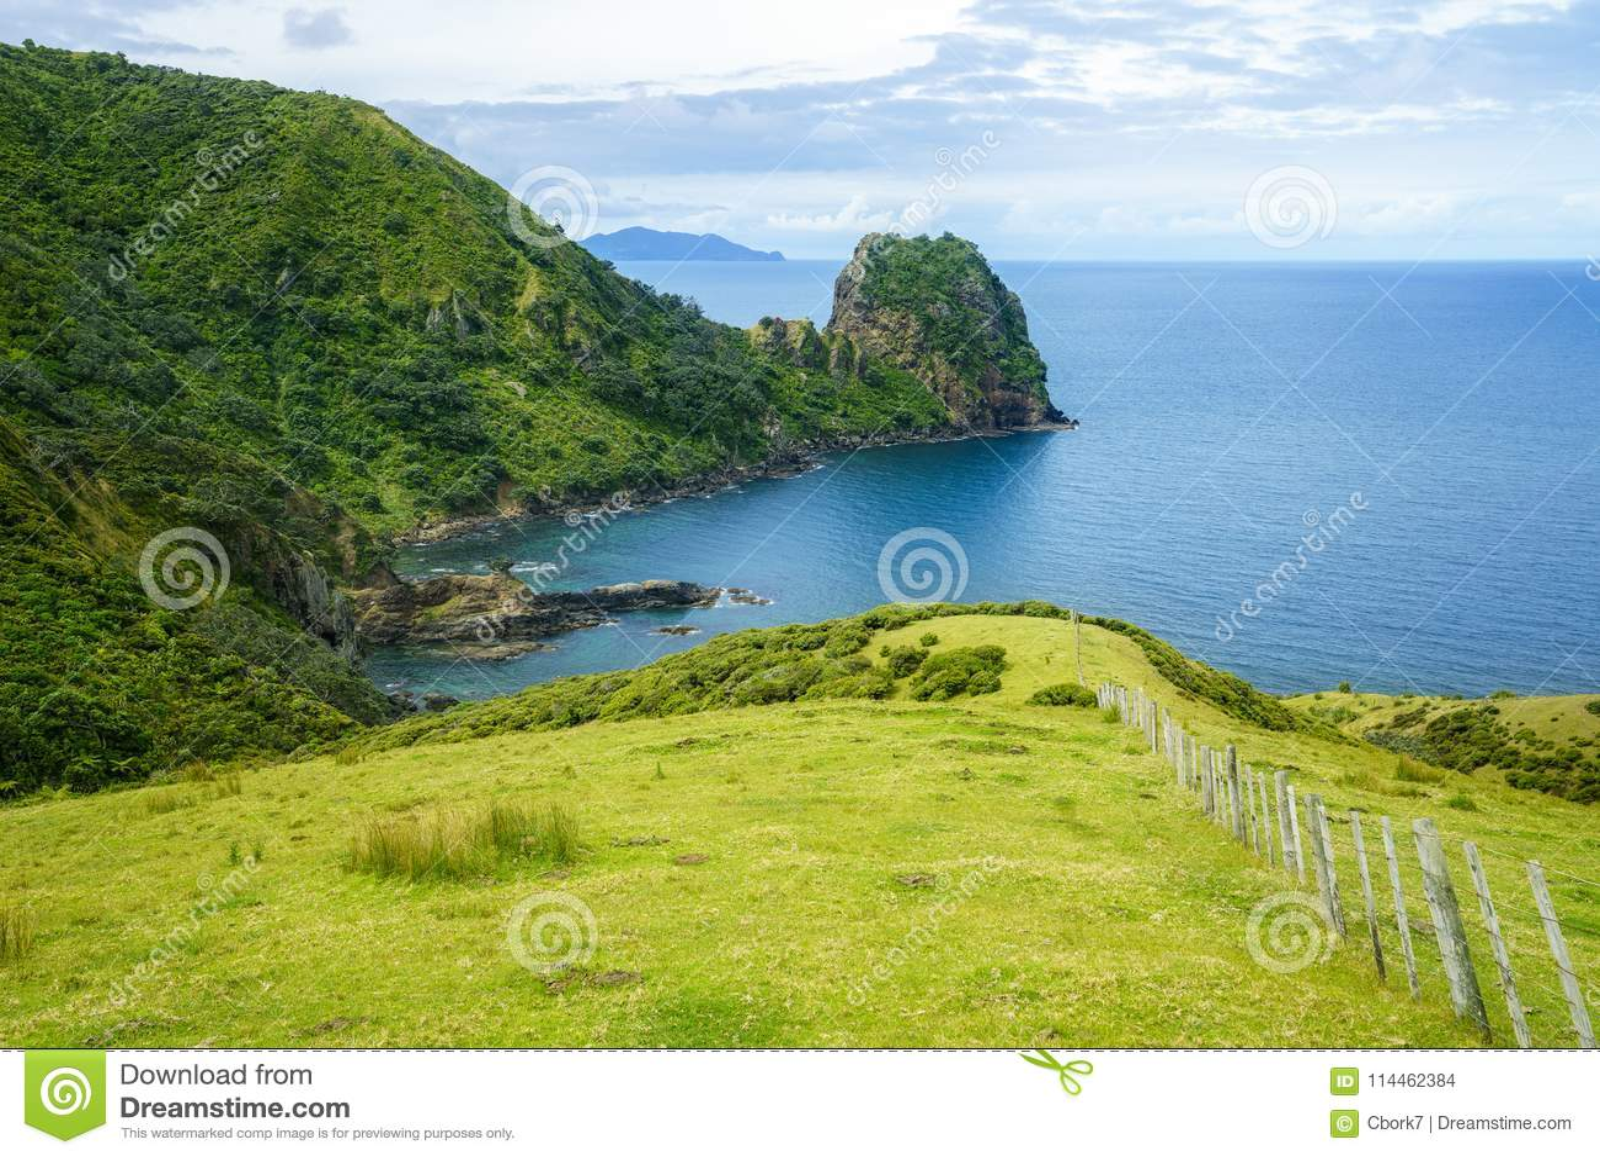 Caminhando a passagem litoral de Coromandel, Nova Zelândia 58